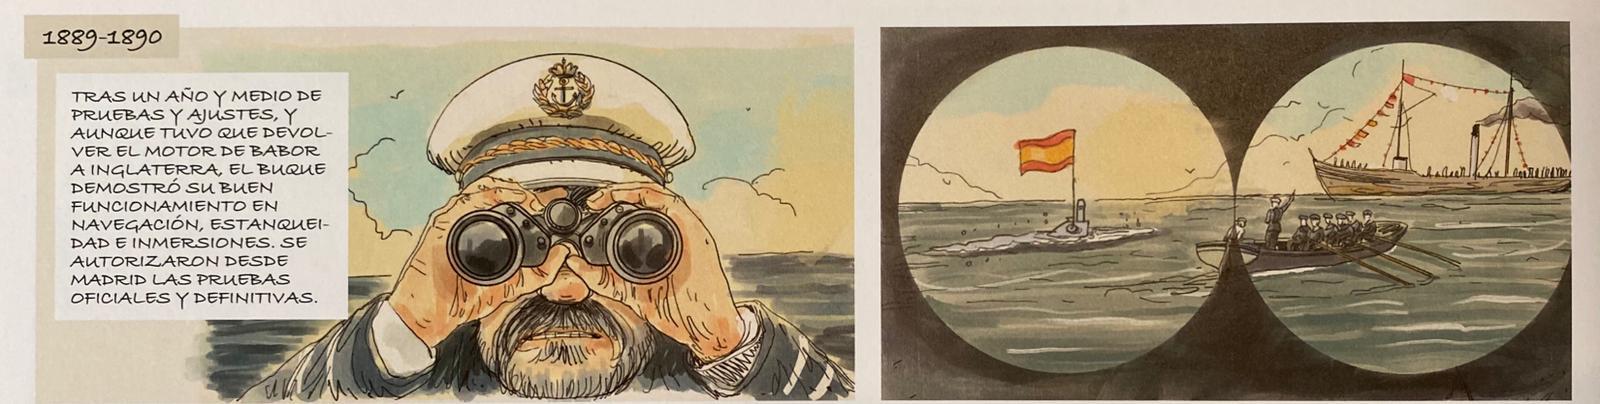 """Imagen interior del cómic sobre Isaac Peral titulado """"La conquista de un sueño"""""""